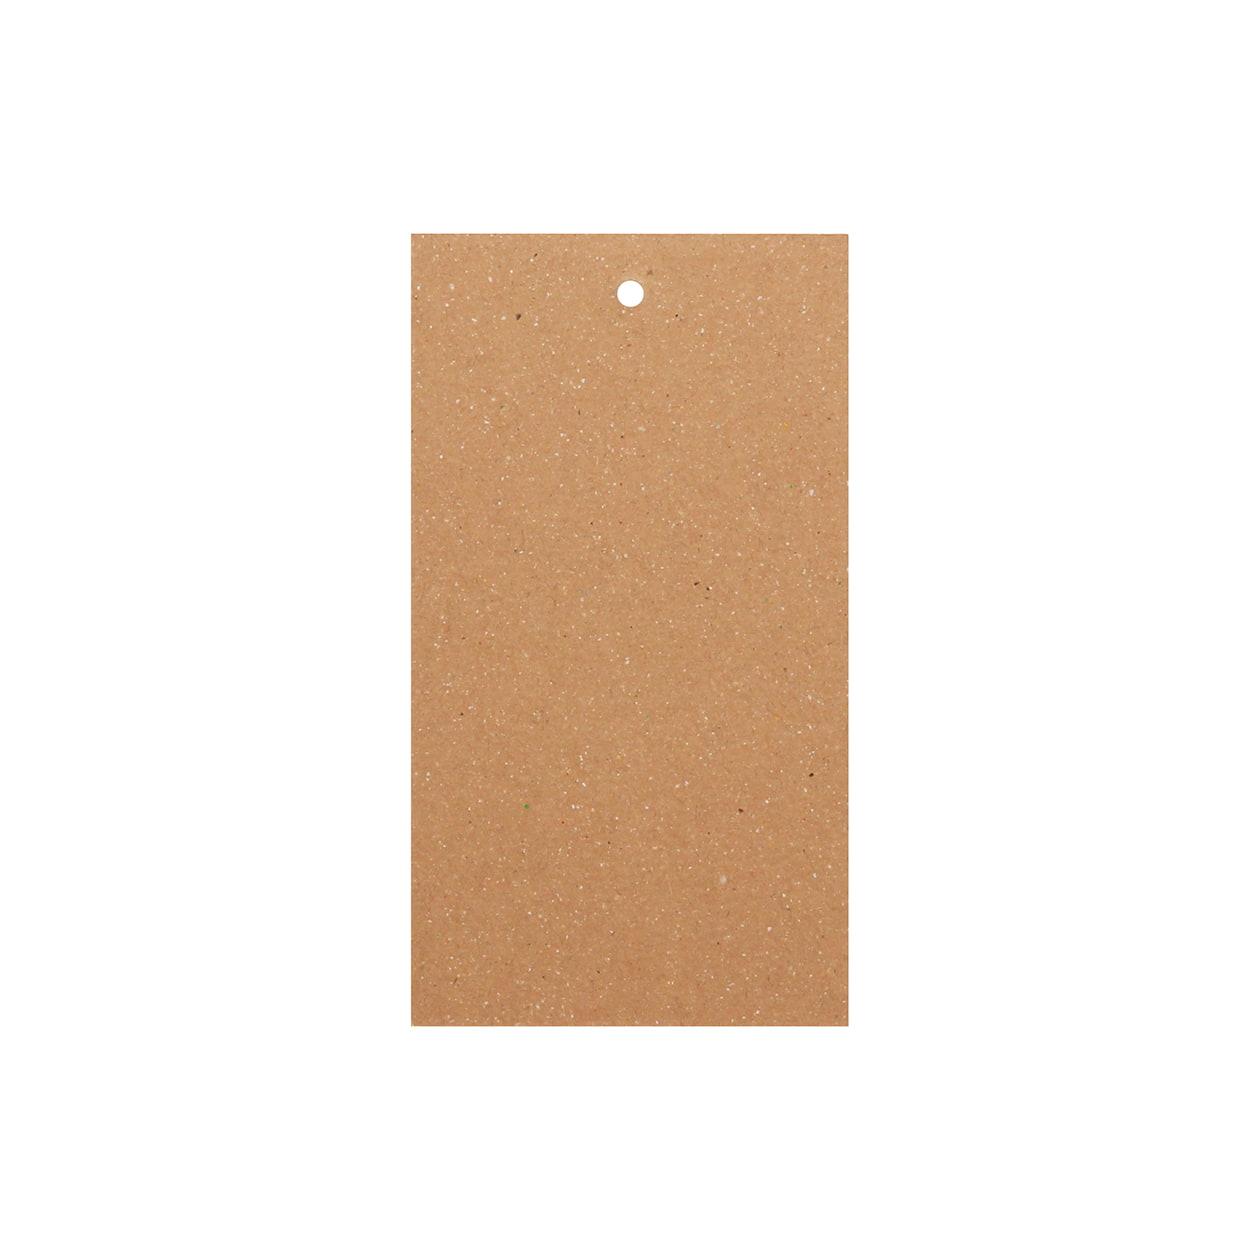 サンプル カード(タグ)00065